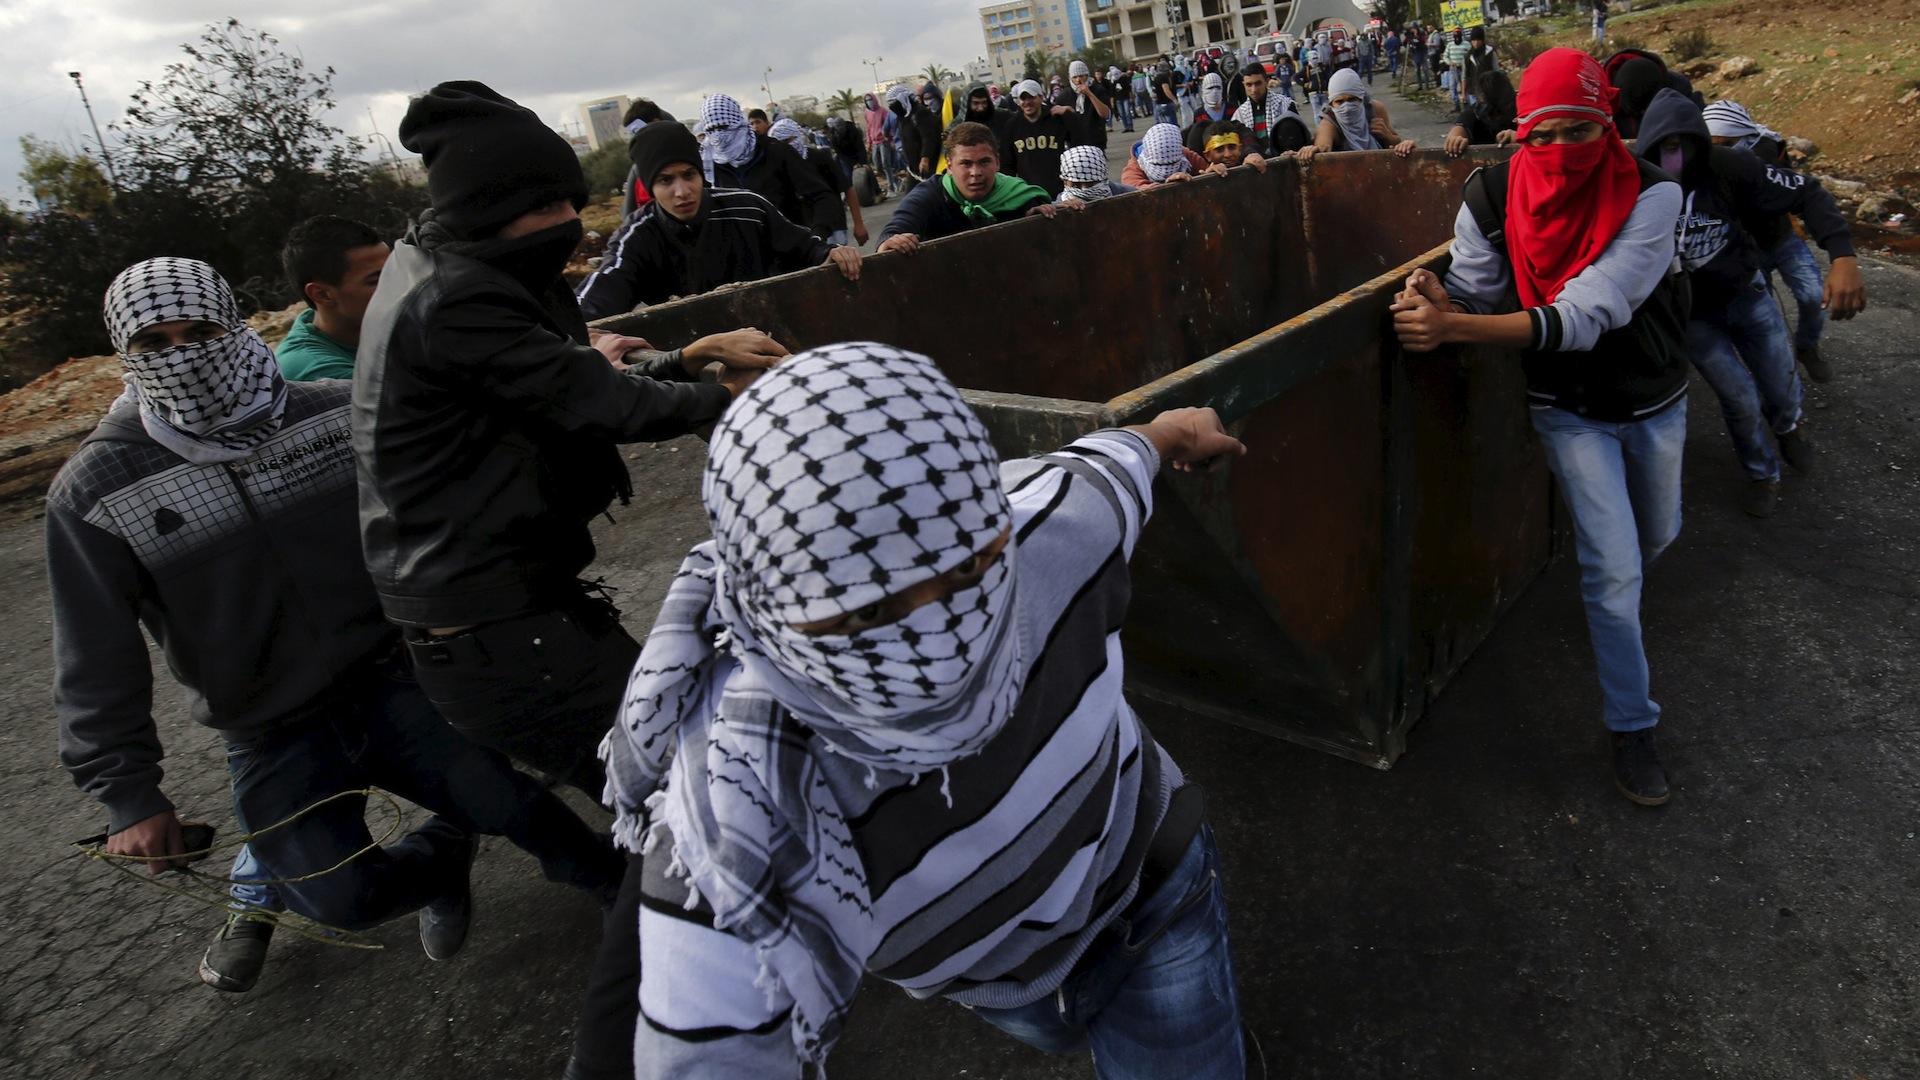 Violent Palestinians